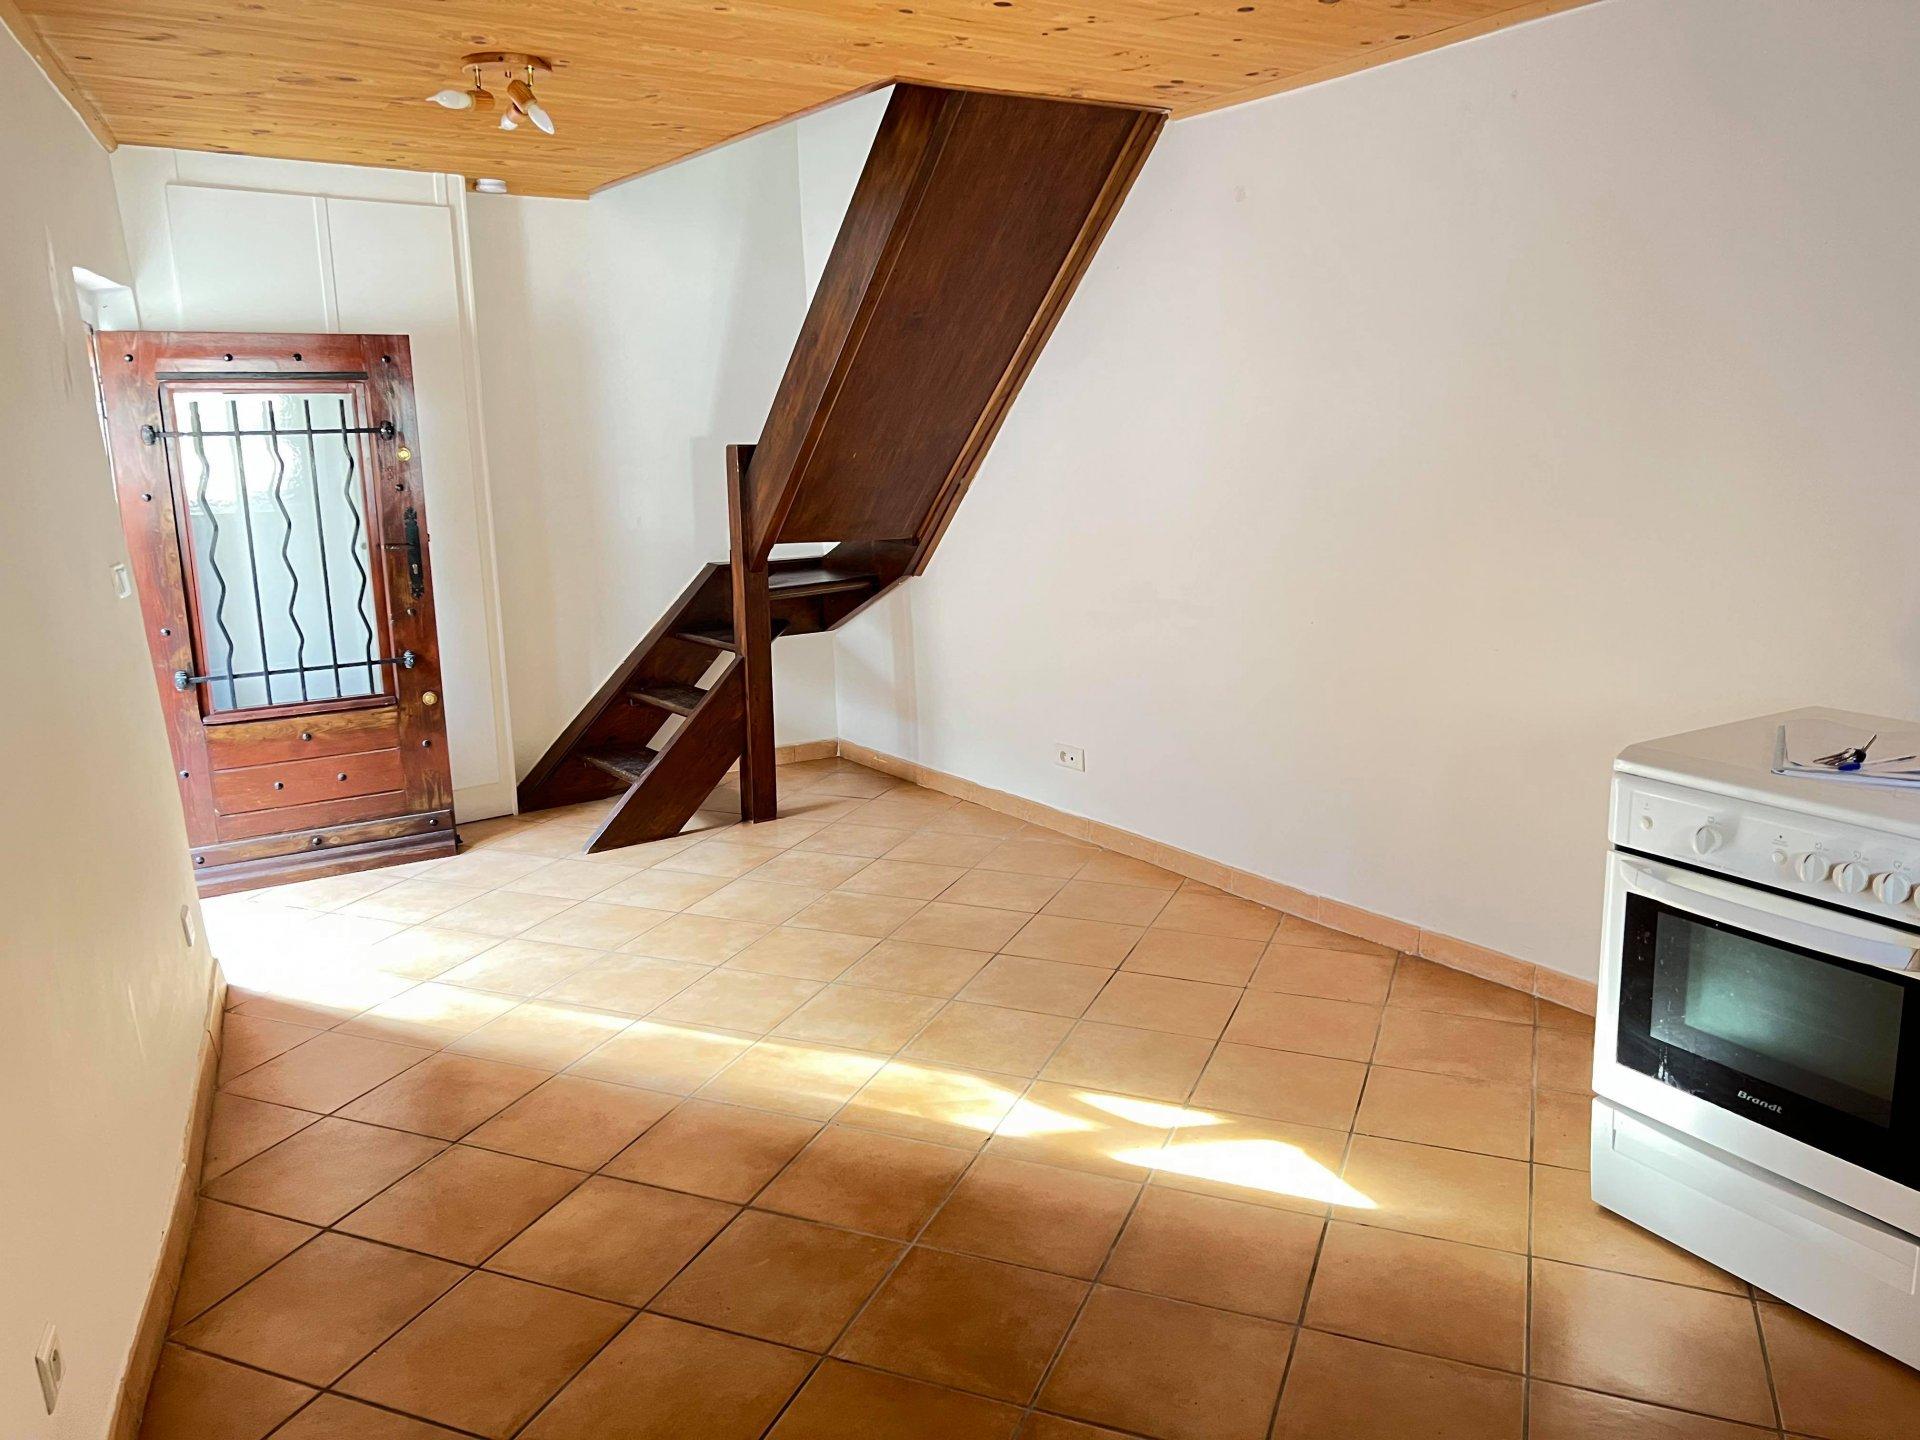 Affitto Casa di paese - Sospello (Sospel)